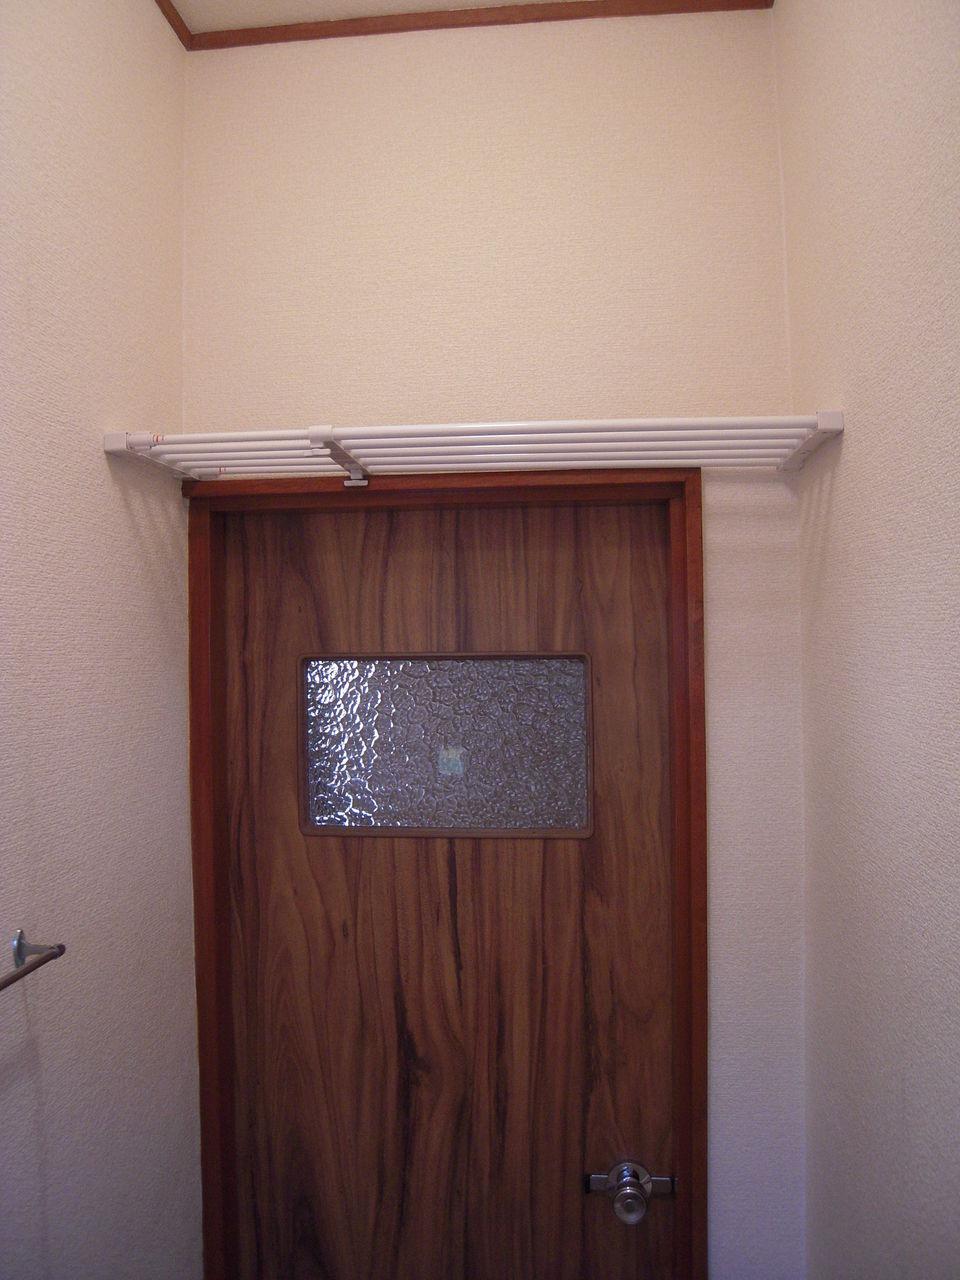 トイレの壁紙貼り レイアウトを決め必要な長さを計算する いえけあれぽーと diyでプチリフォーム